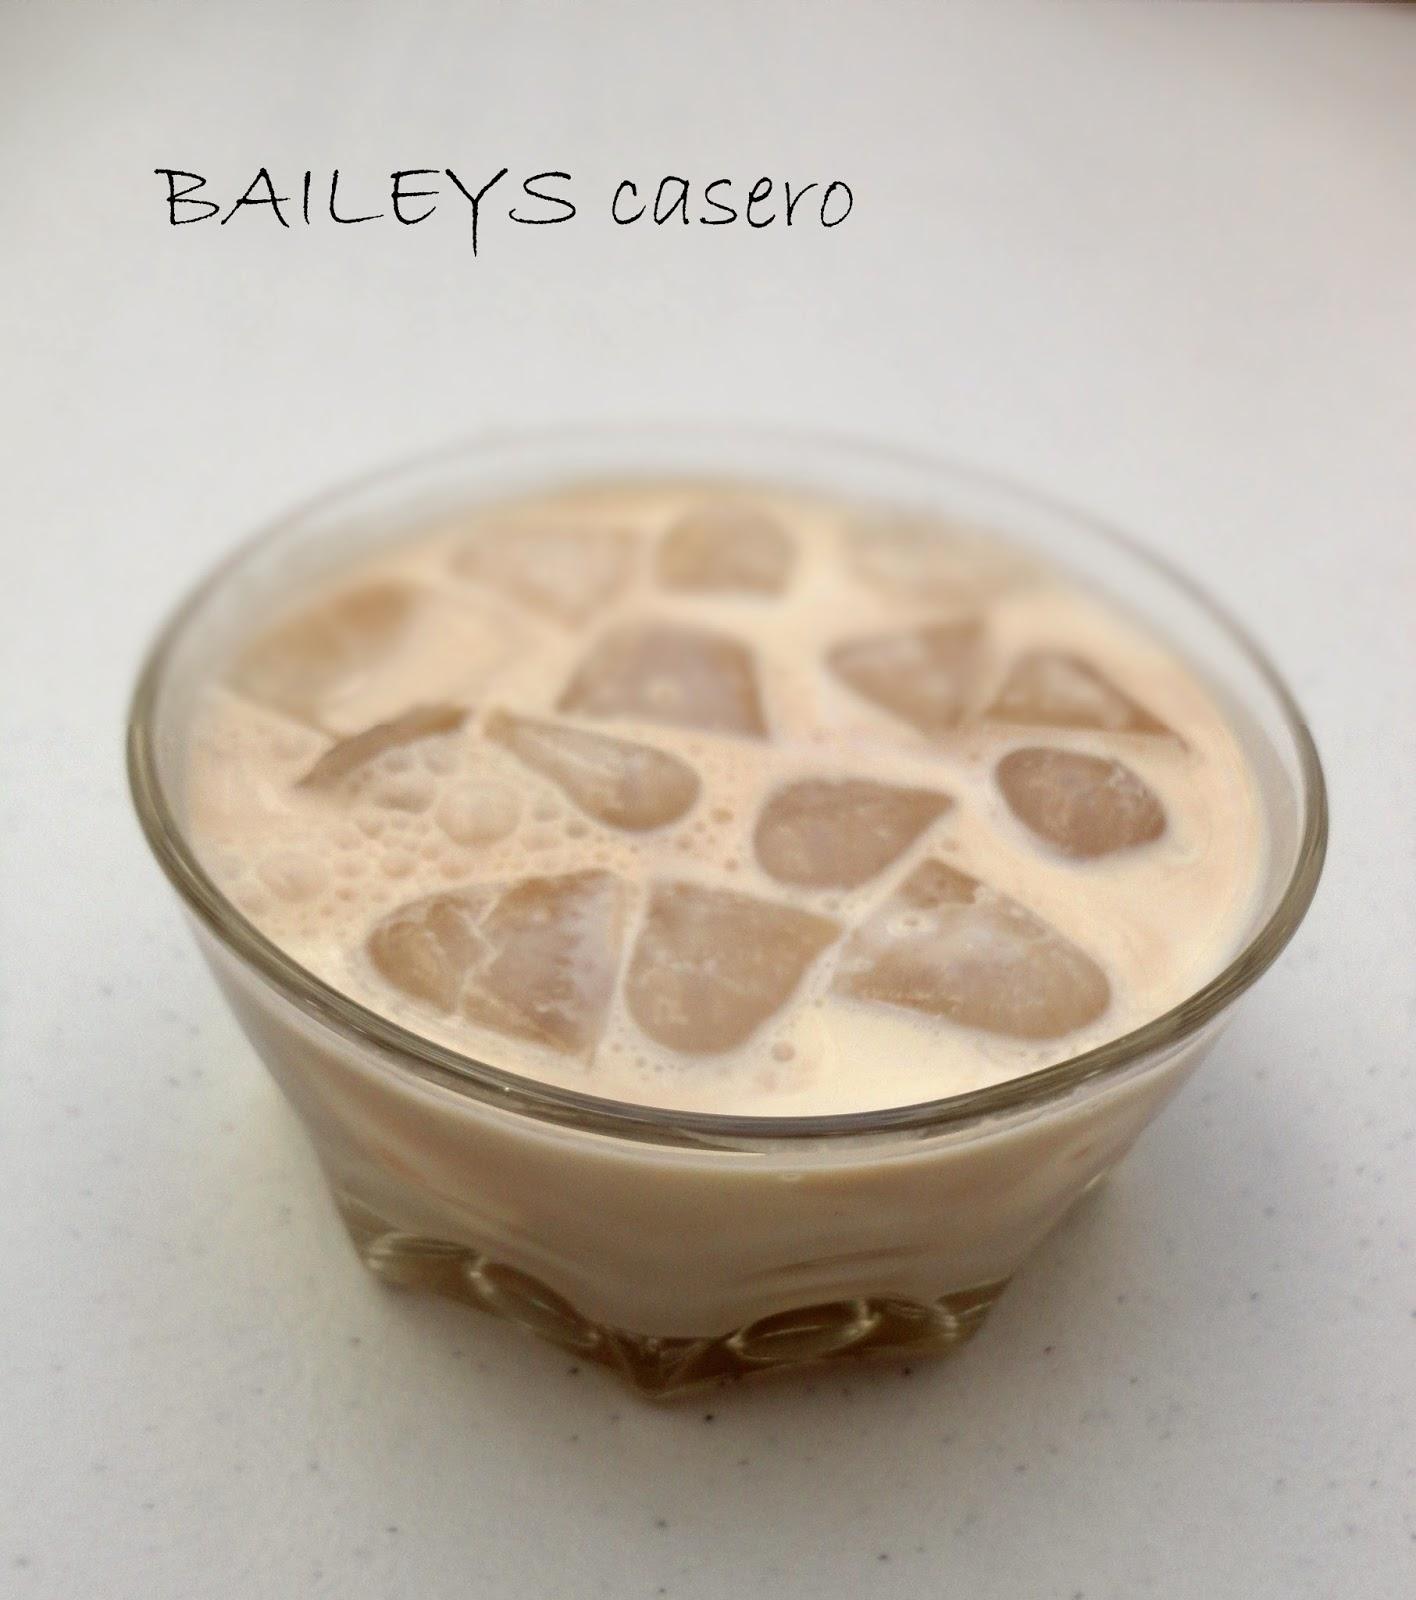 Crema de whisky casera (Baileys casero)